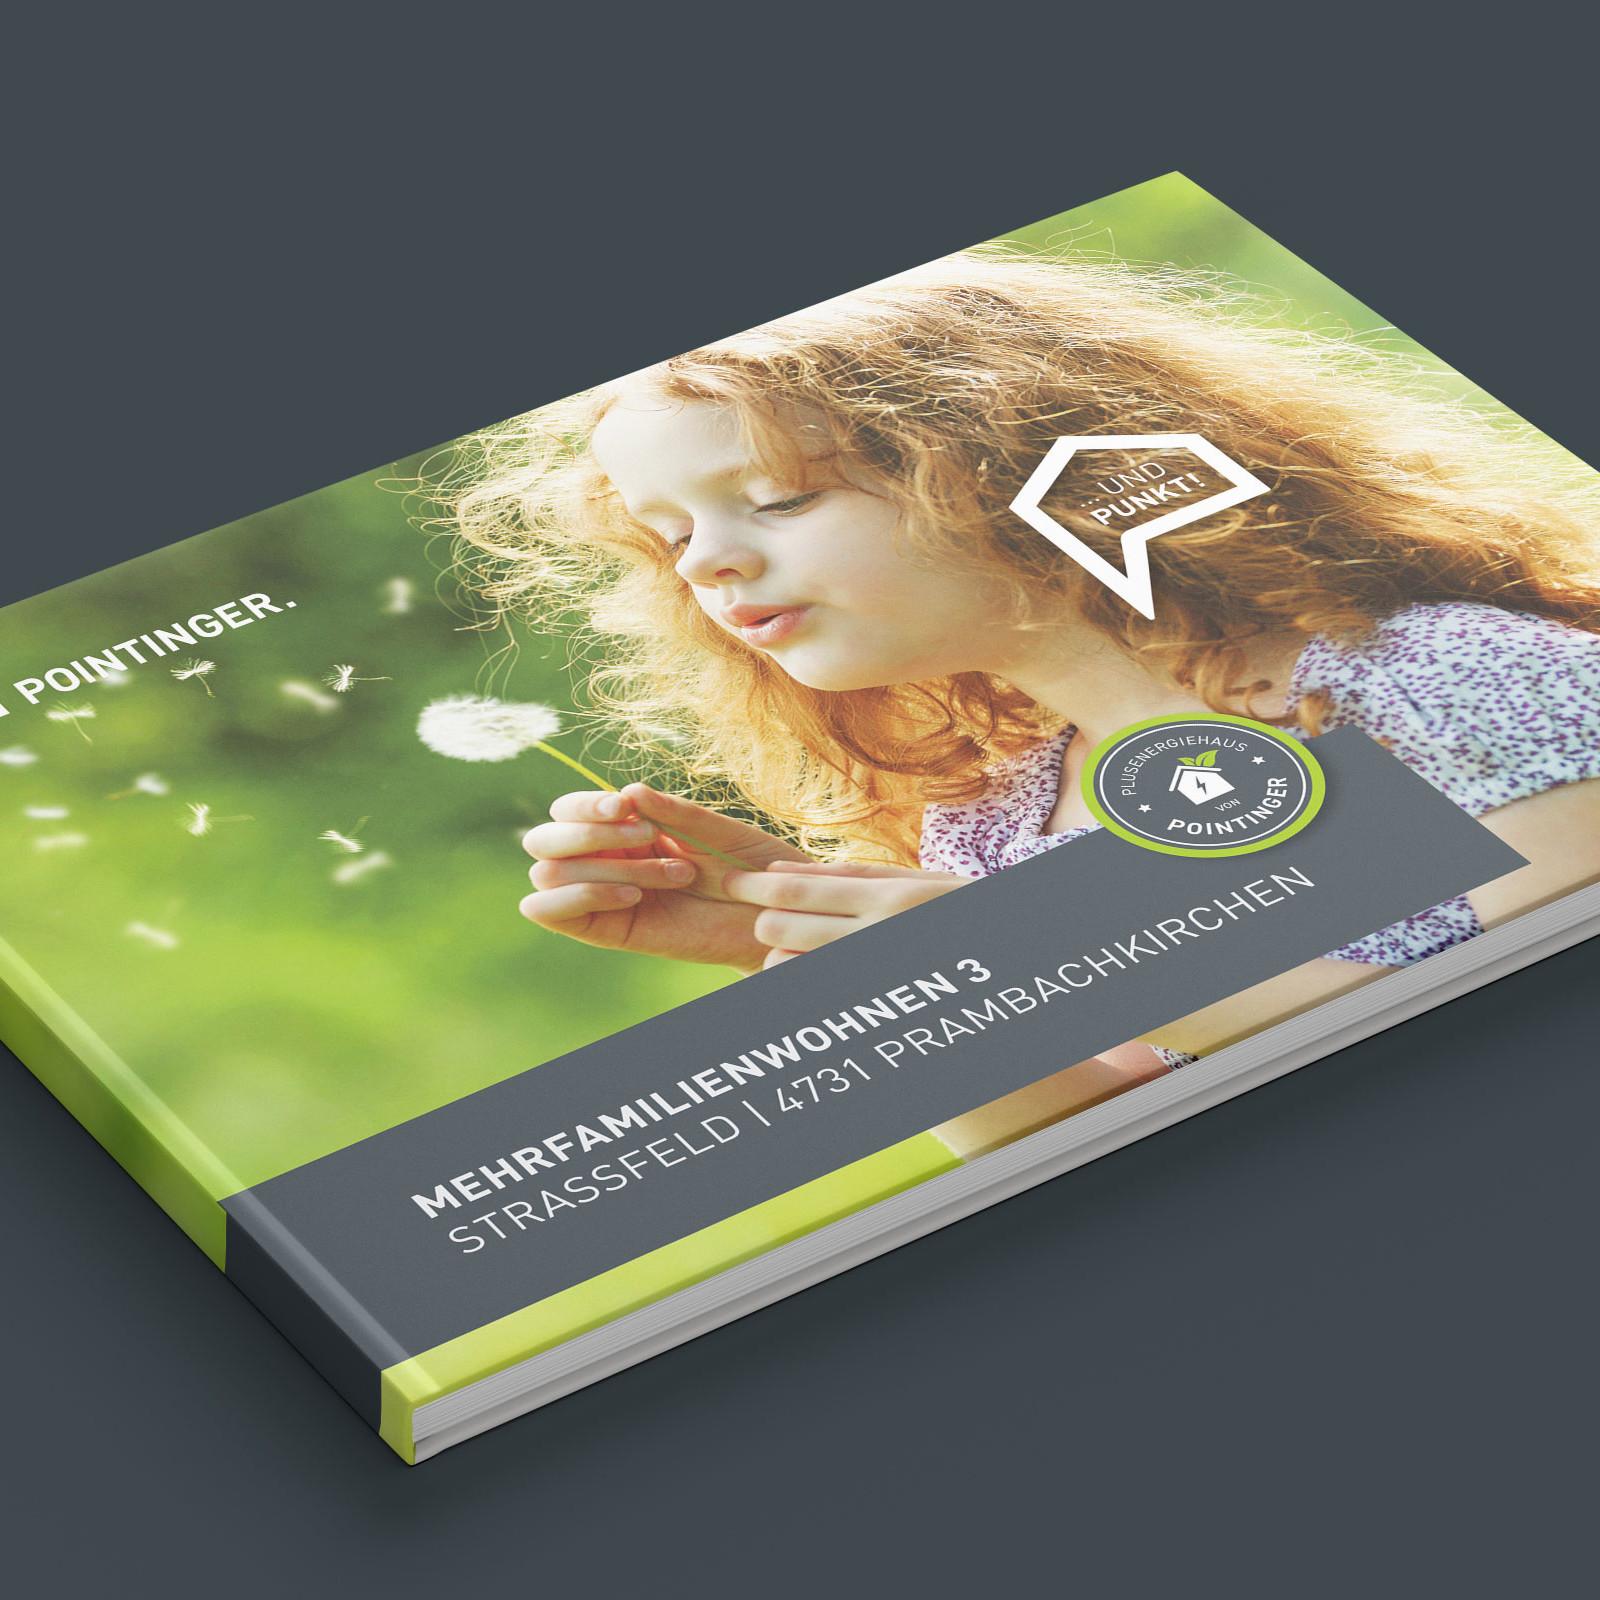 Projektbuch von Pointinger als Vorlage für das Projektvideo